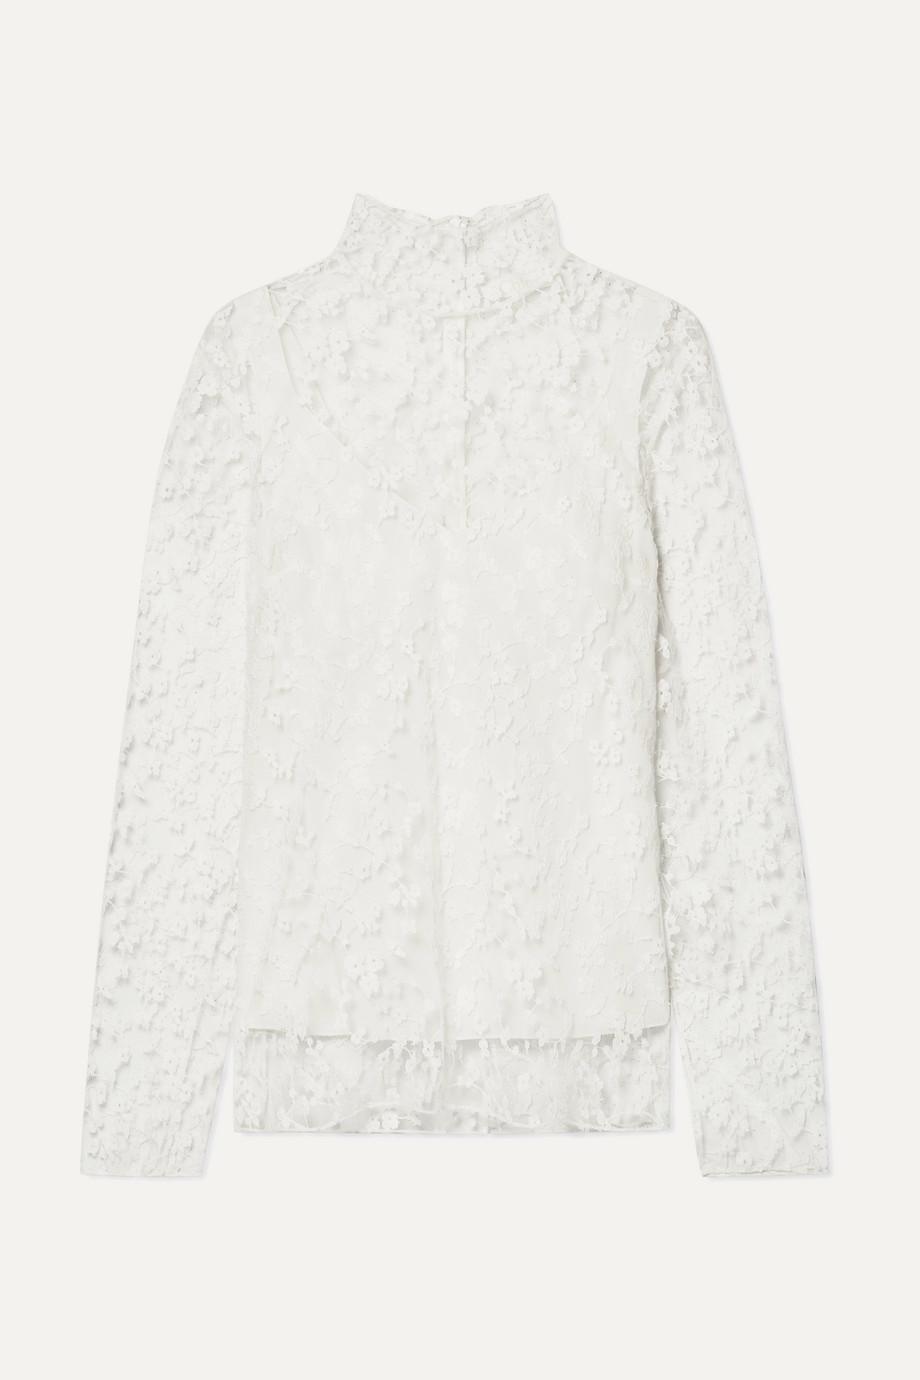 Chloé Cotton-blend lace turtleneck blouse